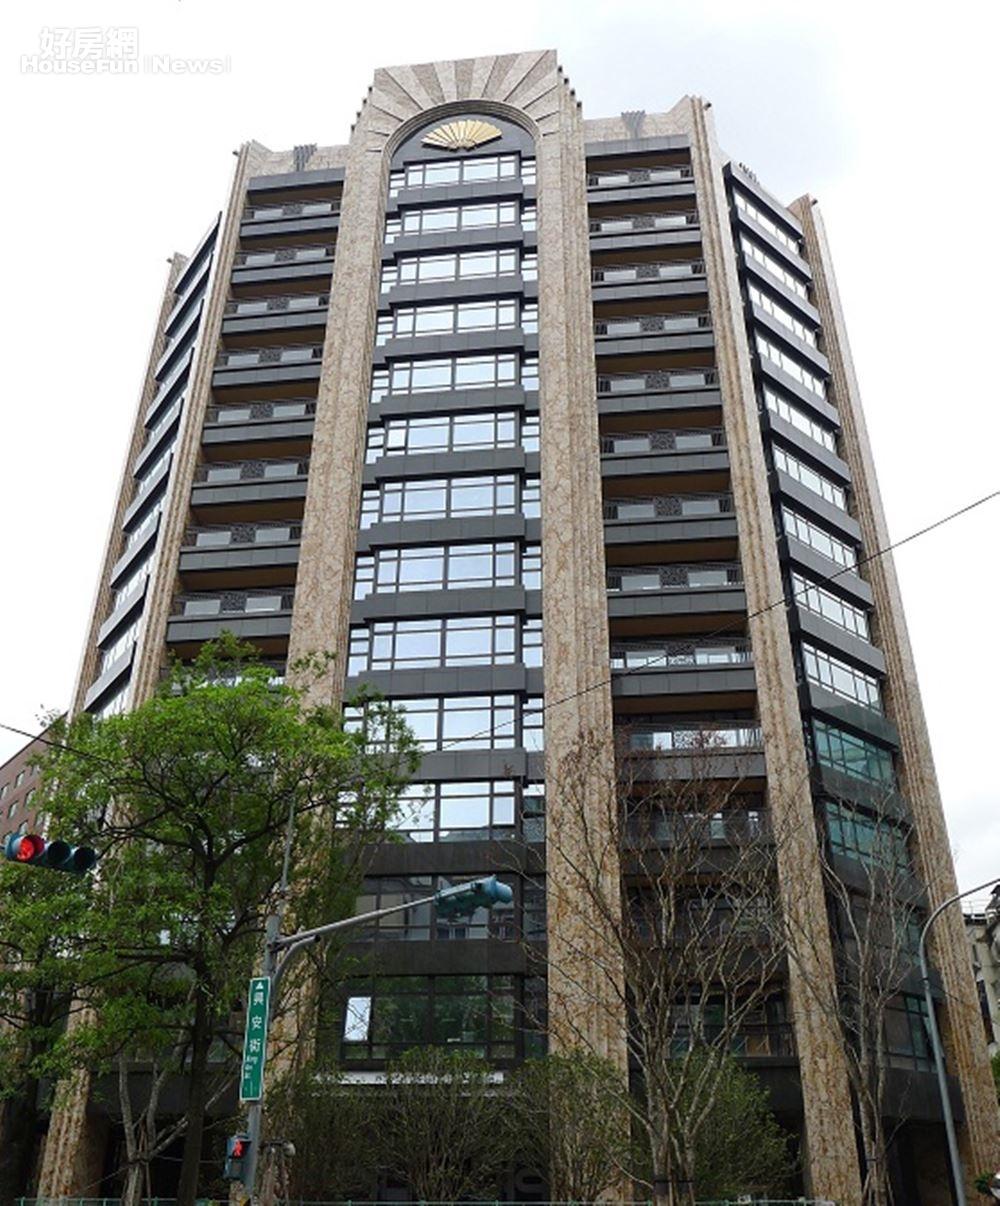 6. 指標豪宅「文華苑」位在北慶城。